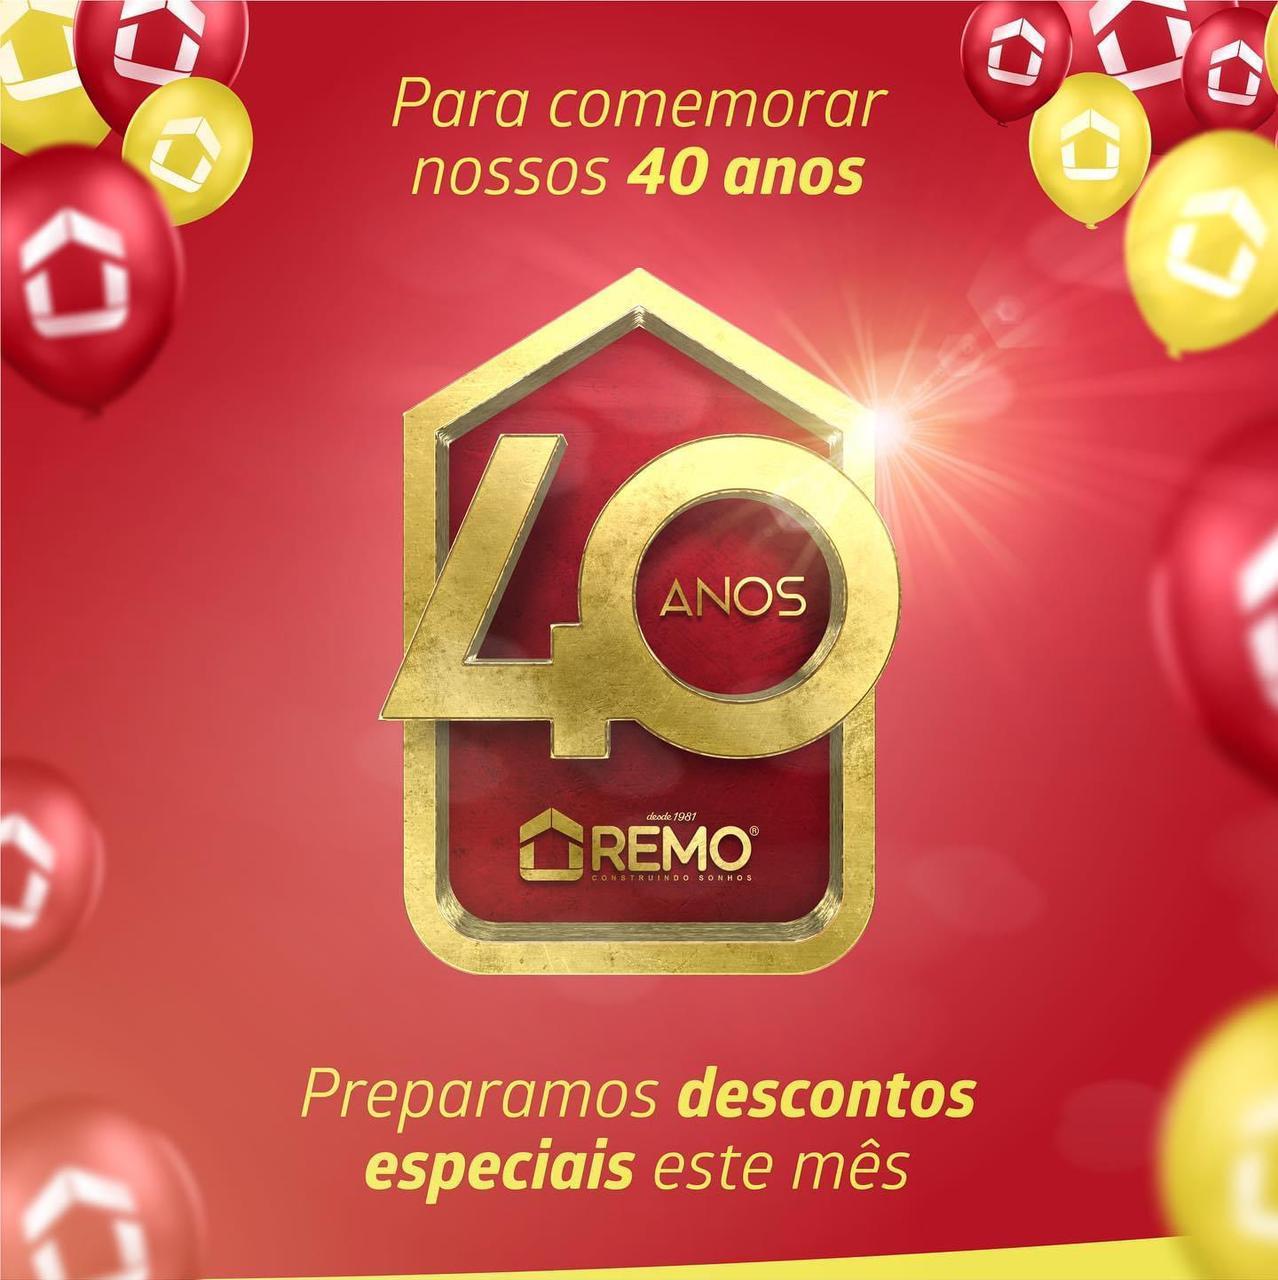 Grupo Remo anuncia promoções no mês do 40º aniversário em Paraíso